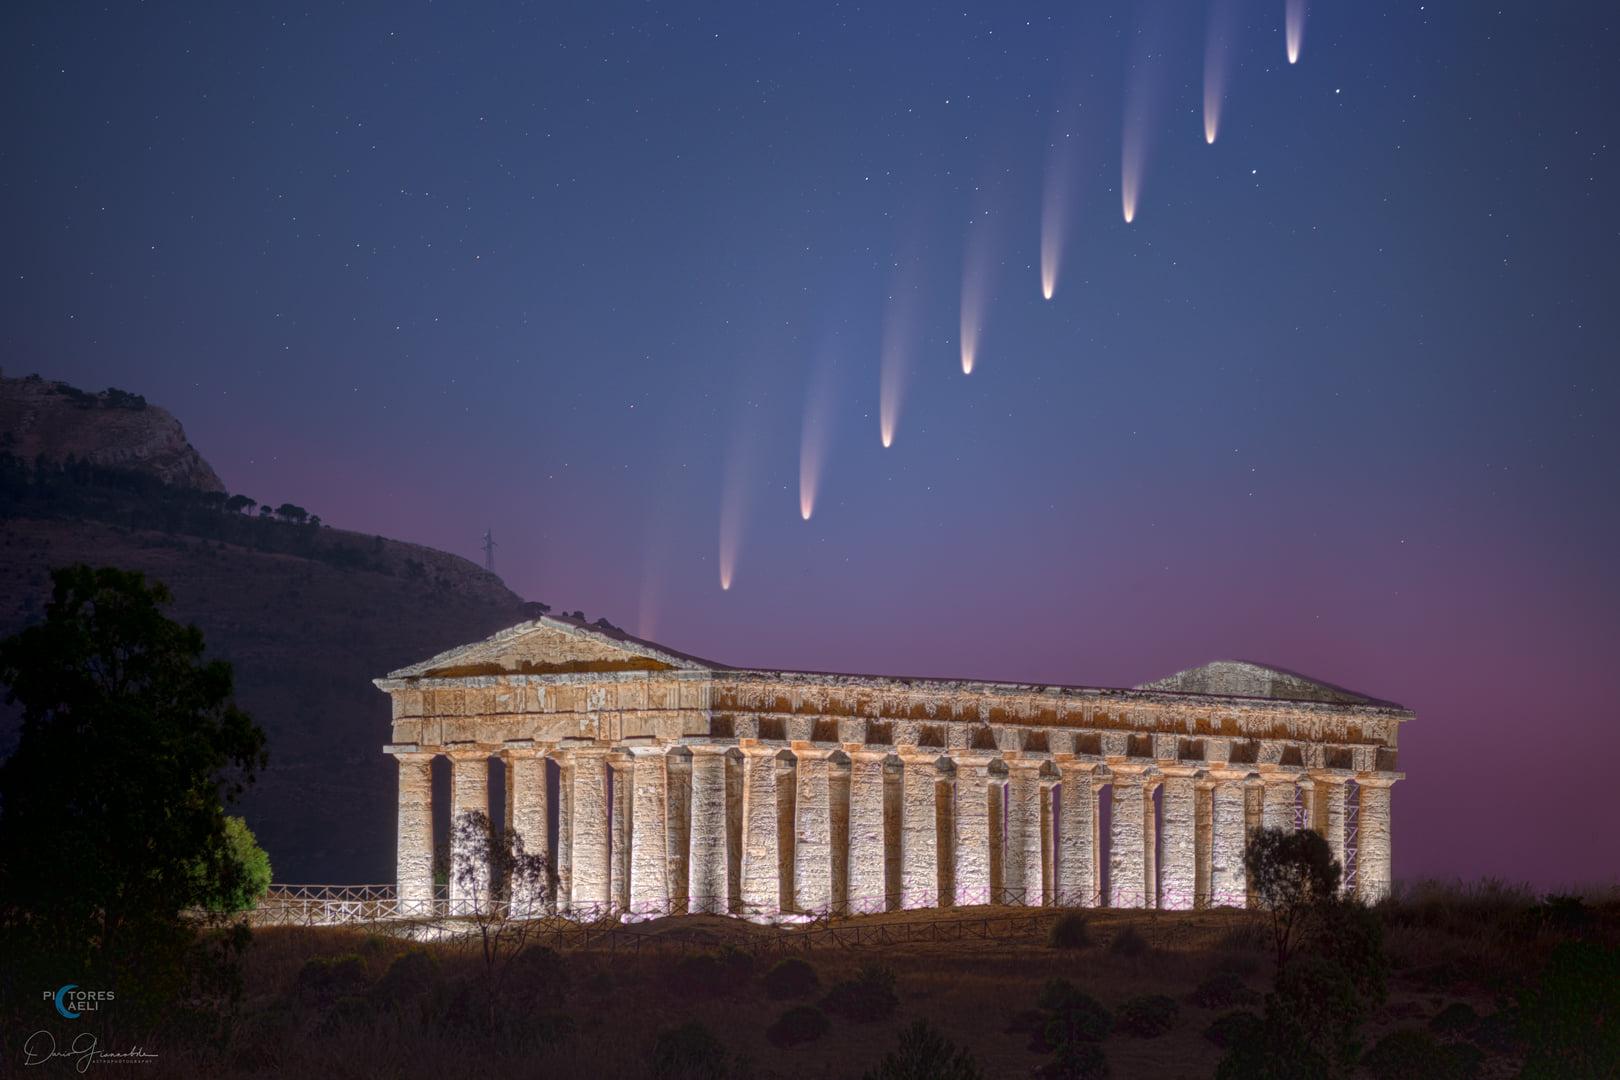 comet NEOWISE over Sicily Segesta Dario Giannobile